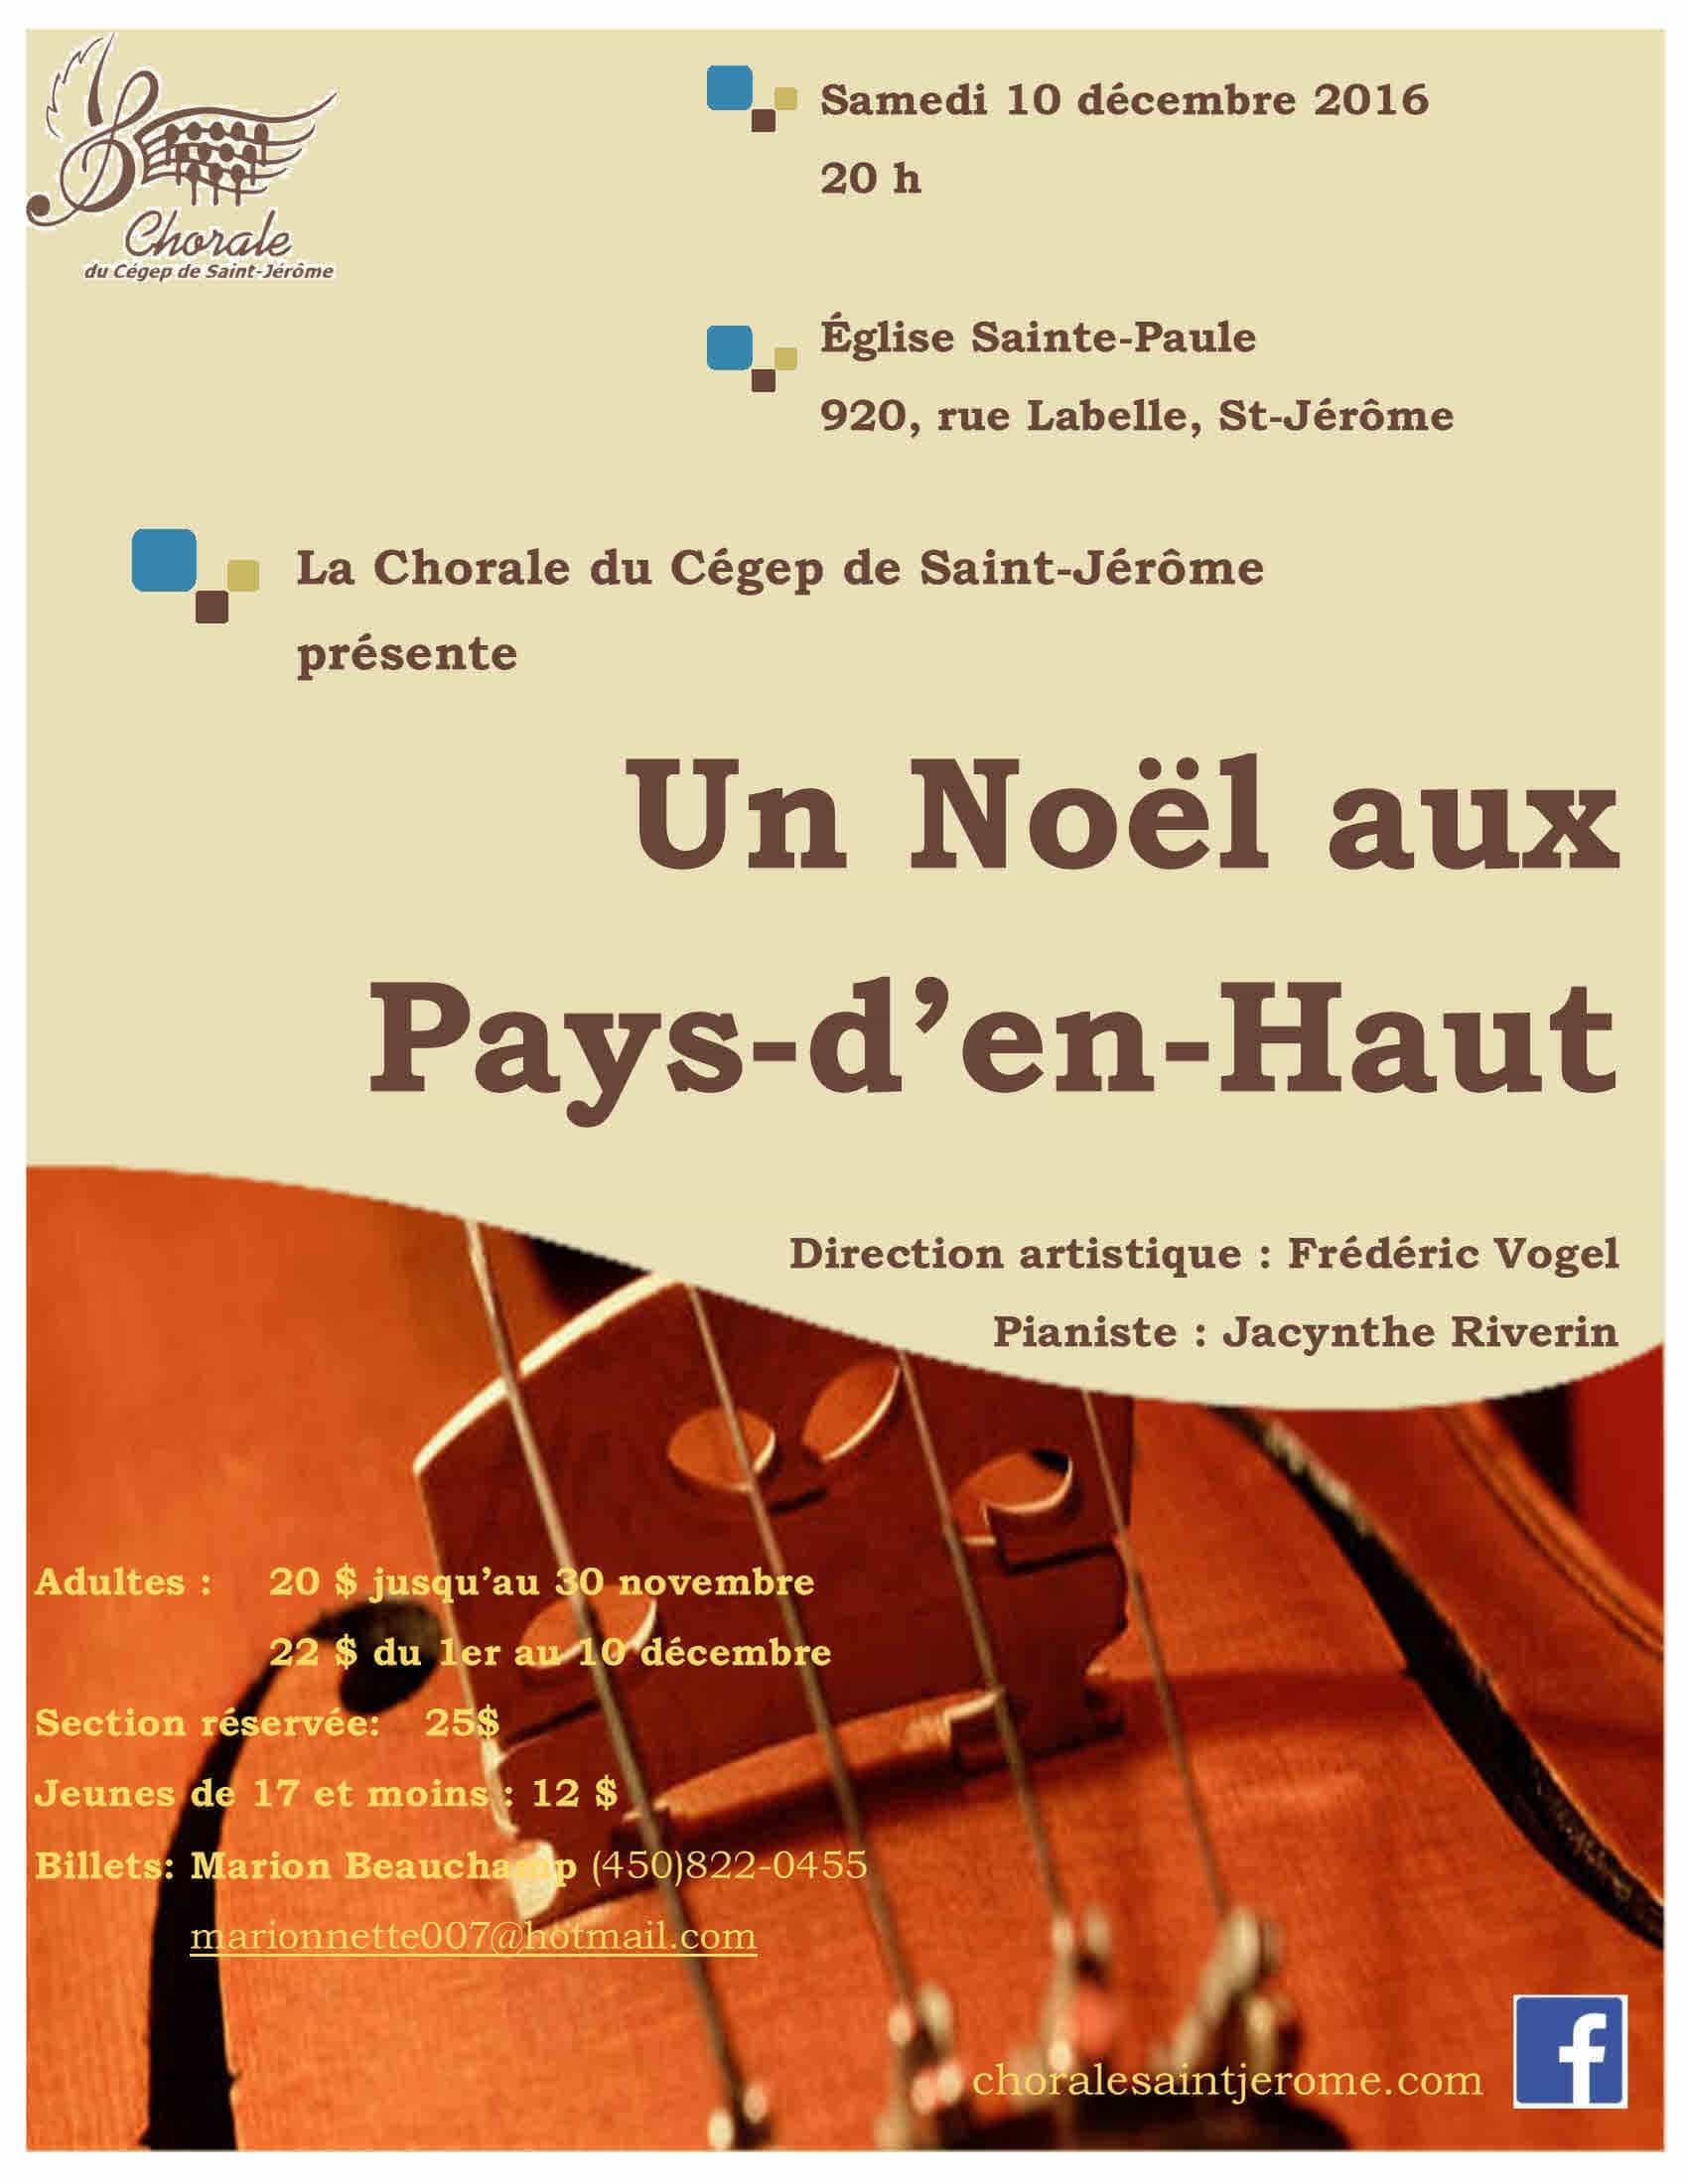 concert-noel-2016